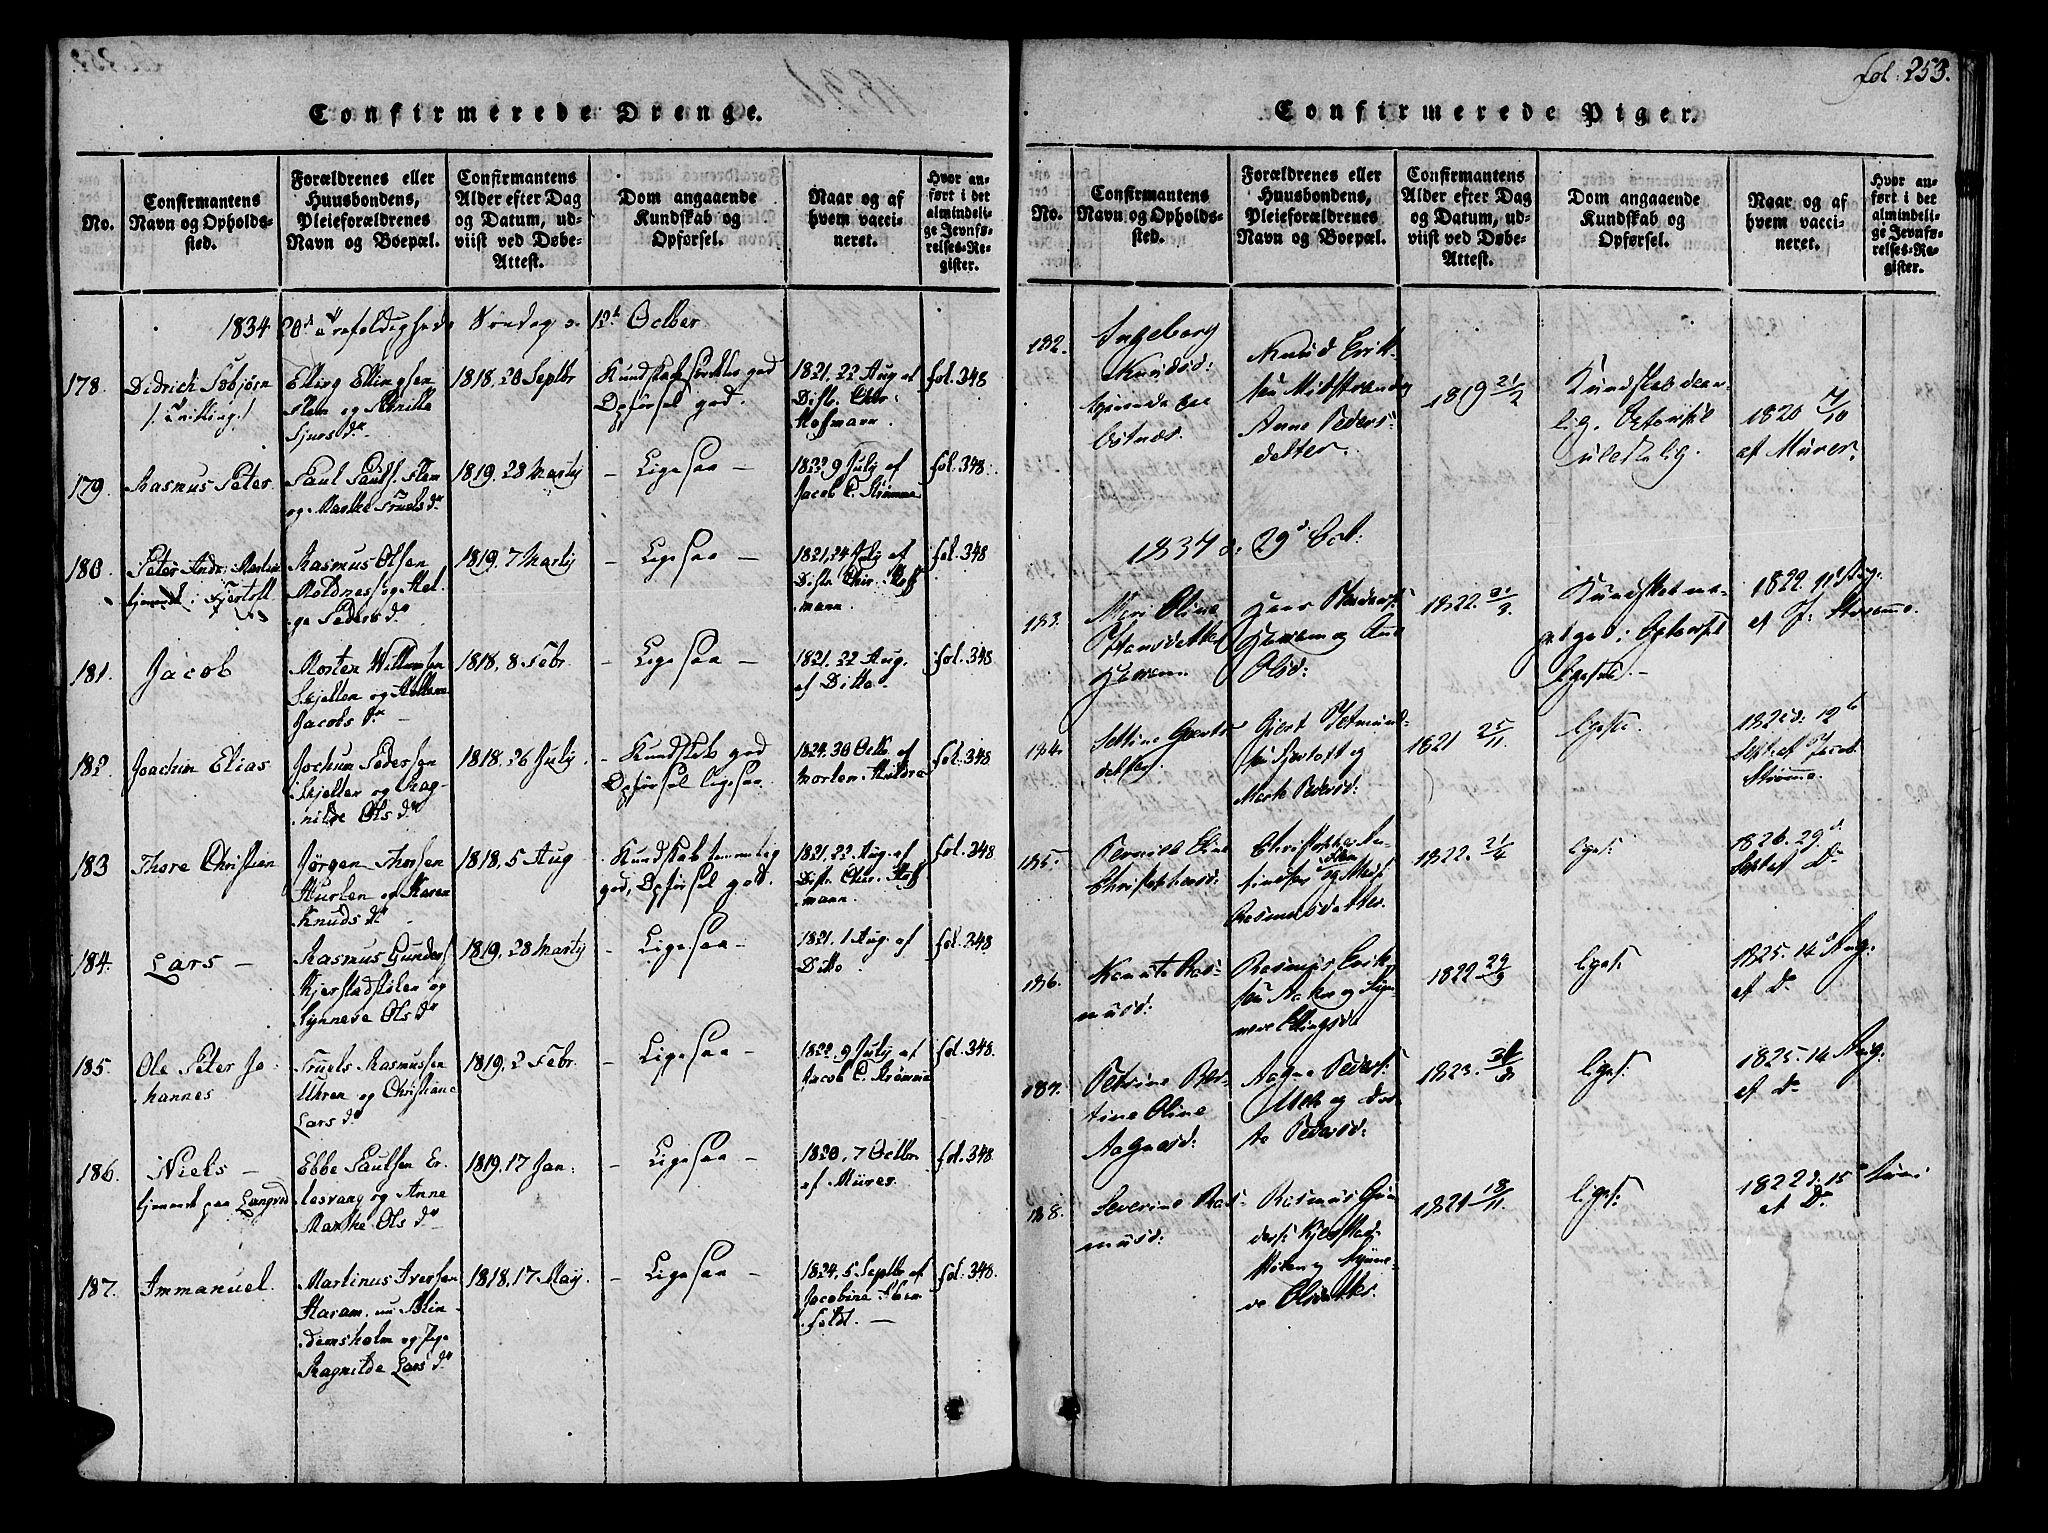 SAT, Ministerialprotokoller, klokkerbøker og fødselsregistre - Møre og Romsdal, 536/L0495: Ministerialbok nr. 536A04, 1818-1847, s. 253